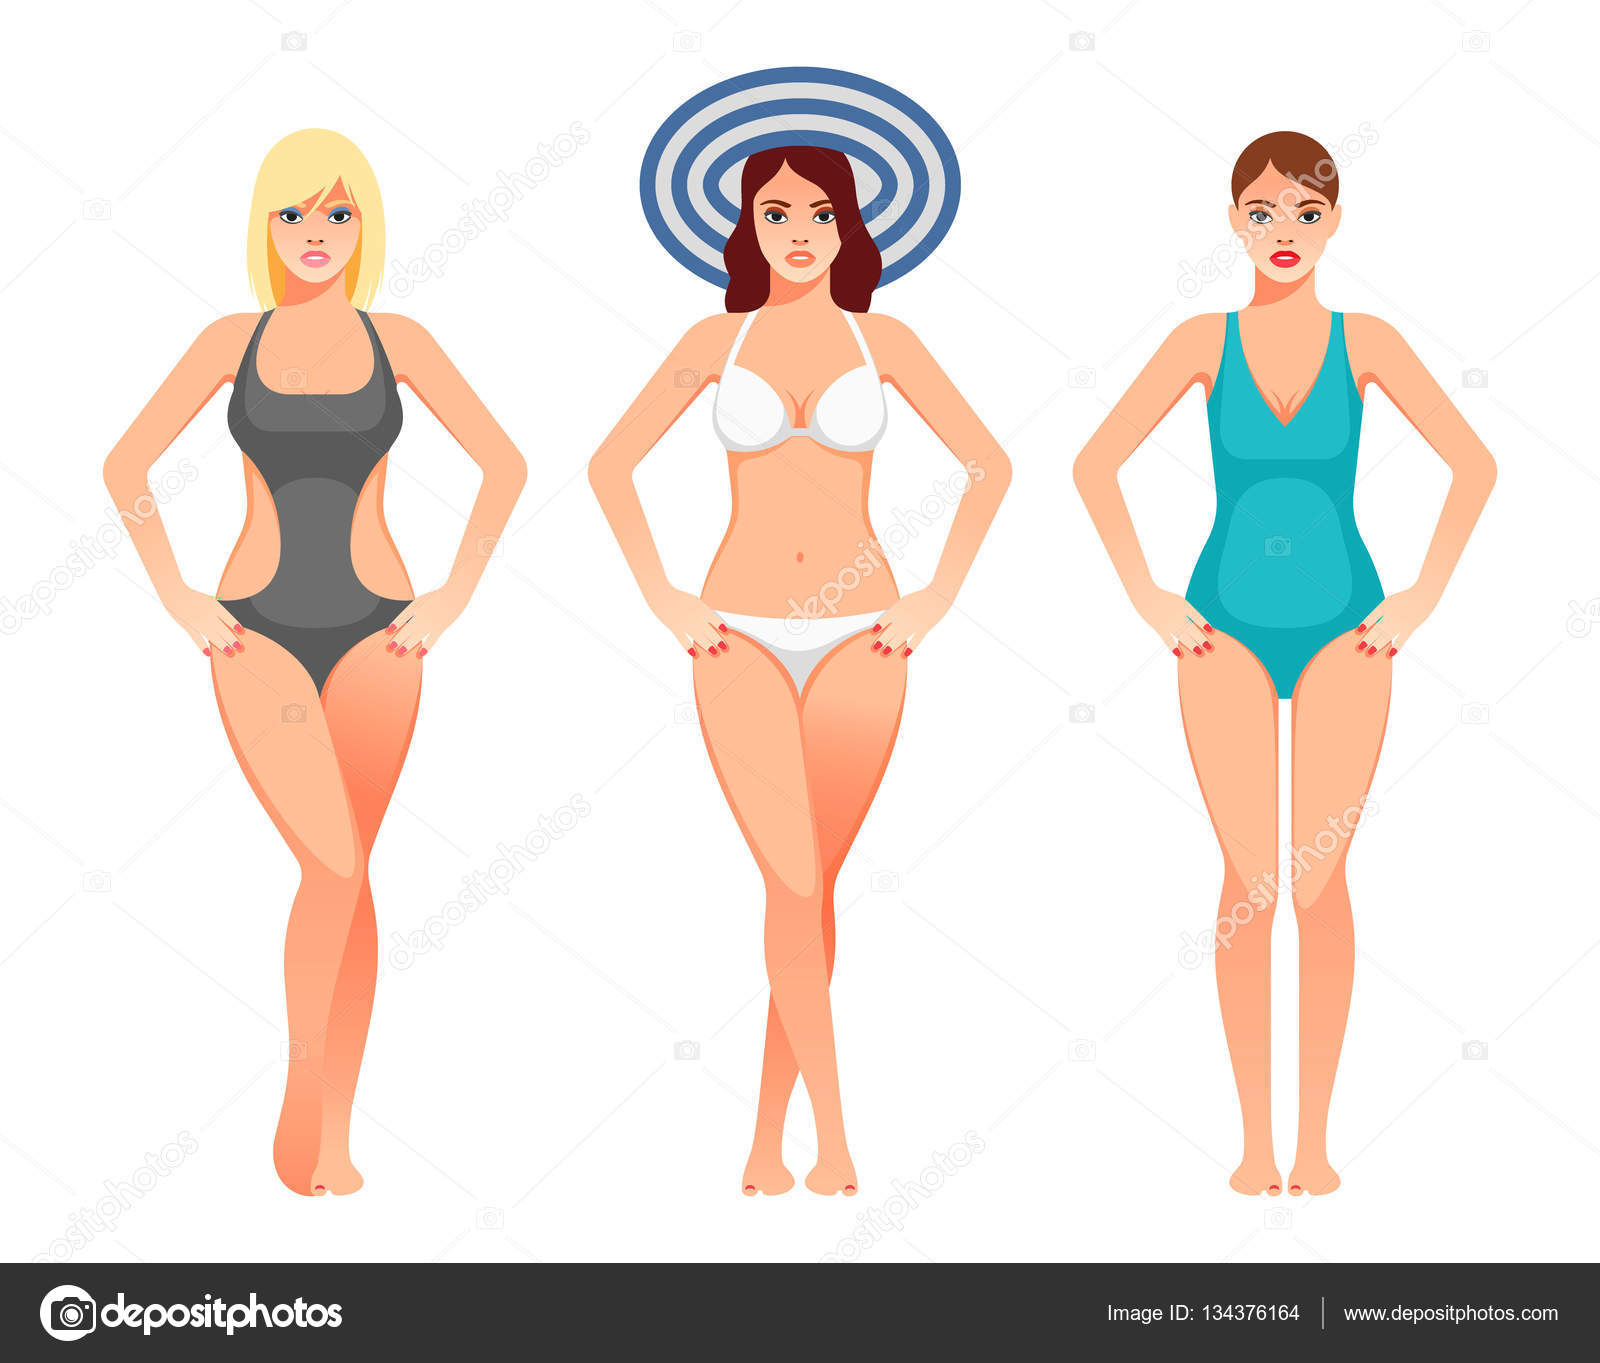 ca65a4fd7ca5 Mujeres en traje de baño. Hermosas chicas en trajes de baño ...